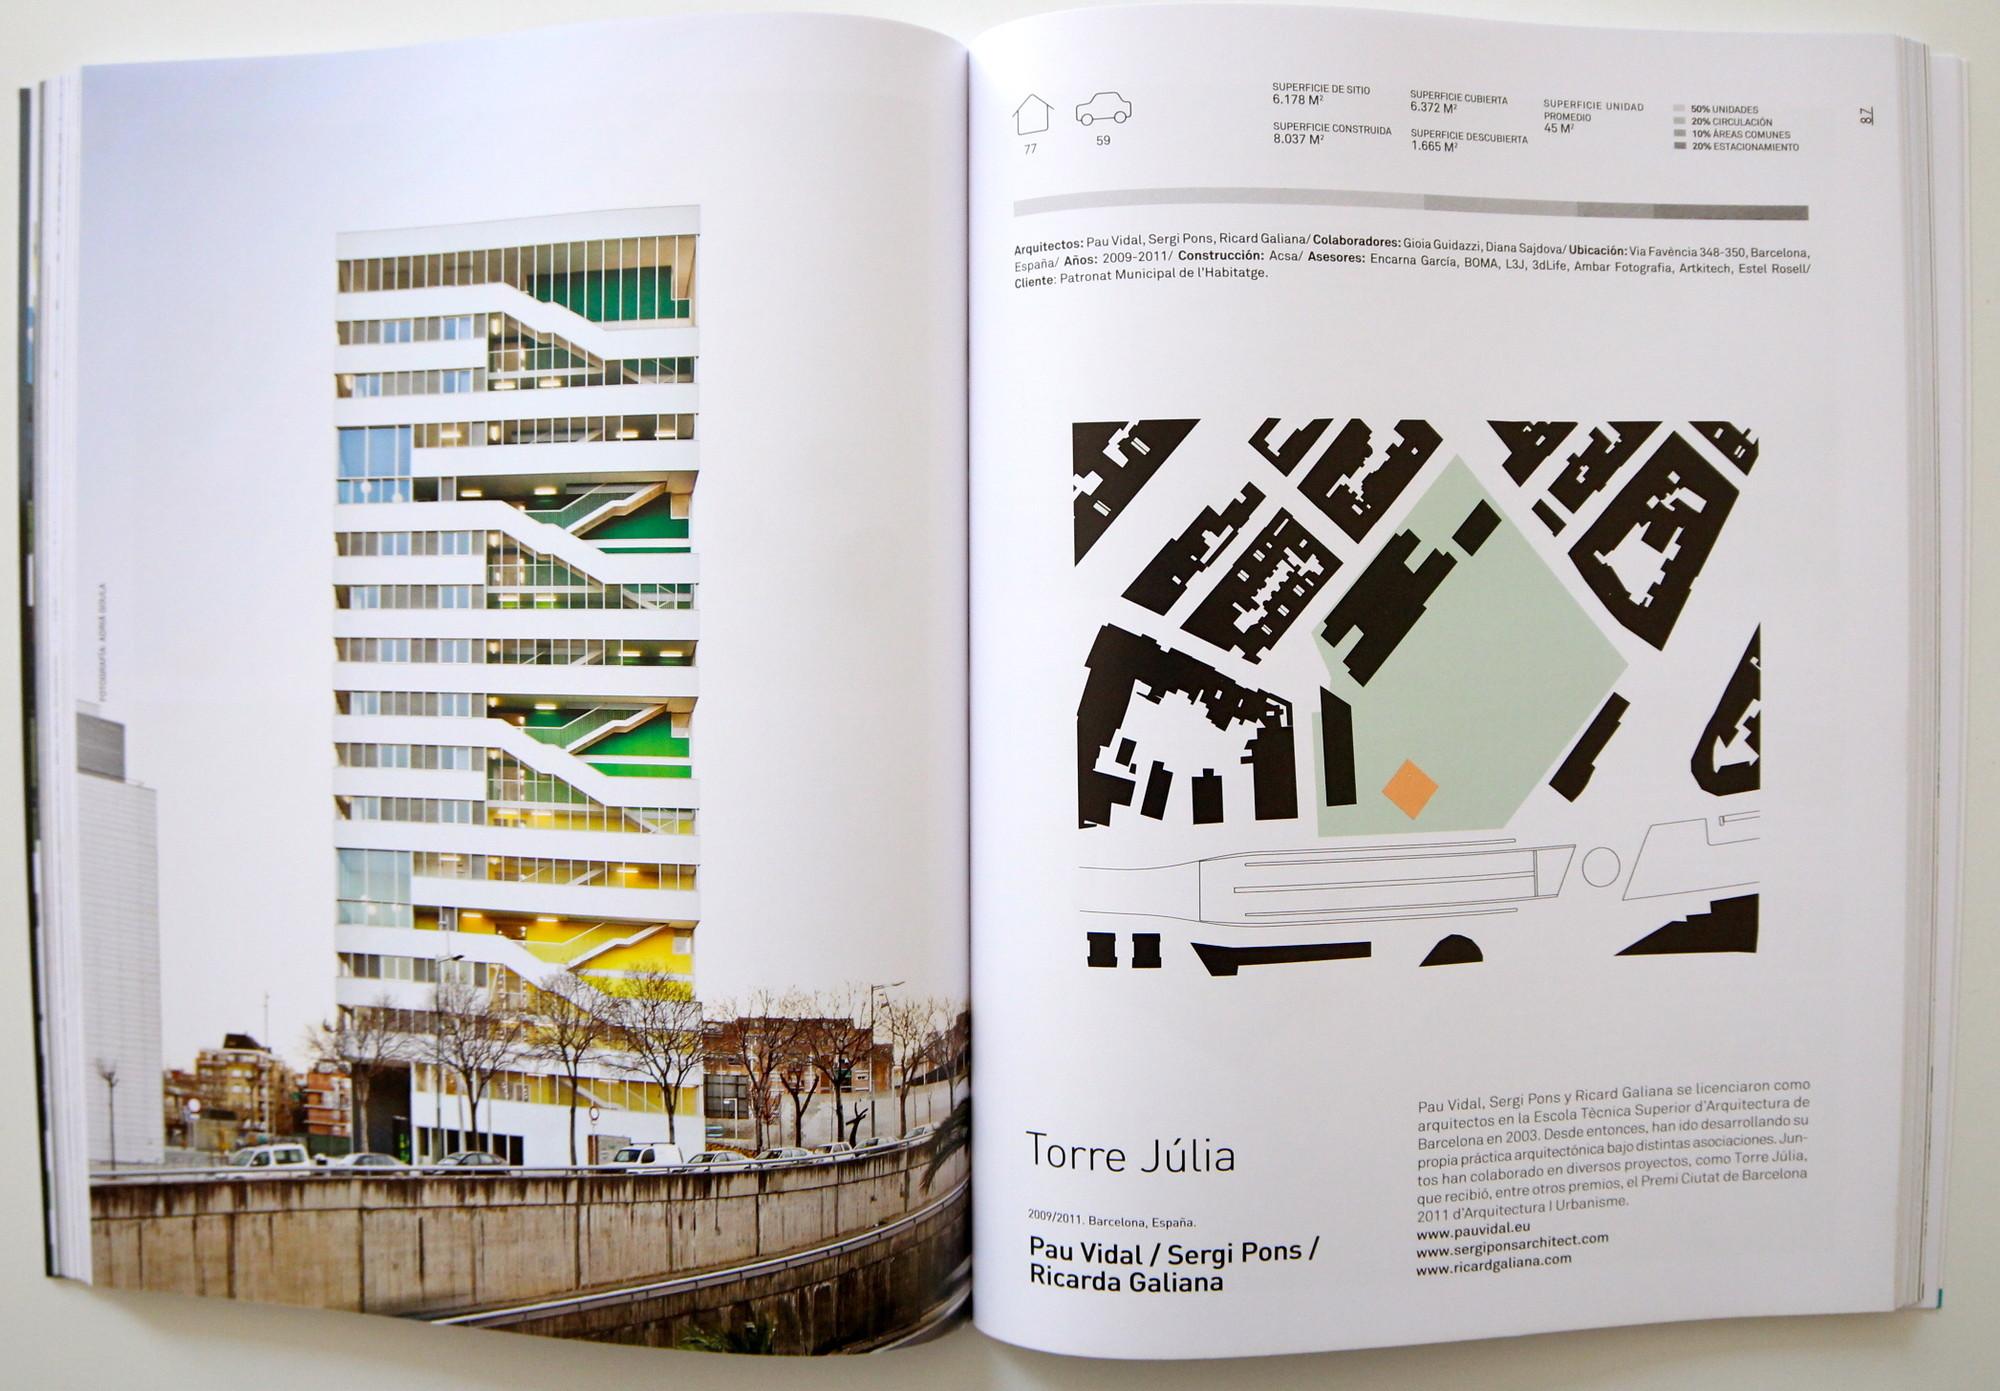 Plot: Modos de Habitar. Inventario de Vivienda Colectiva